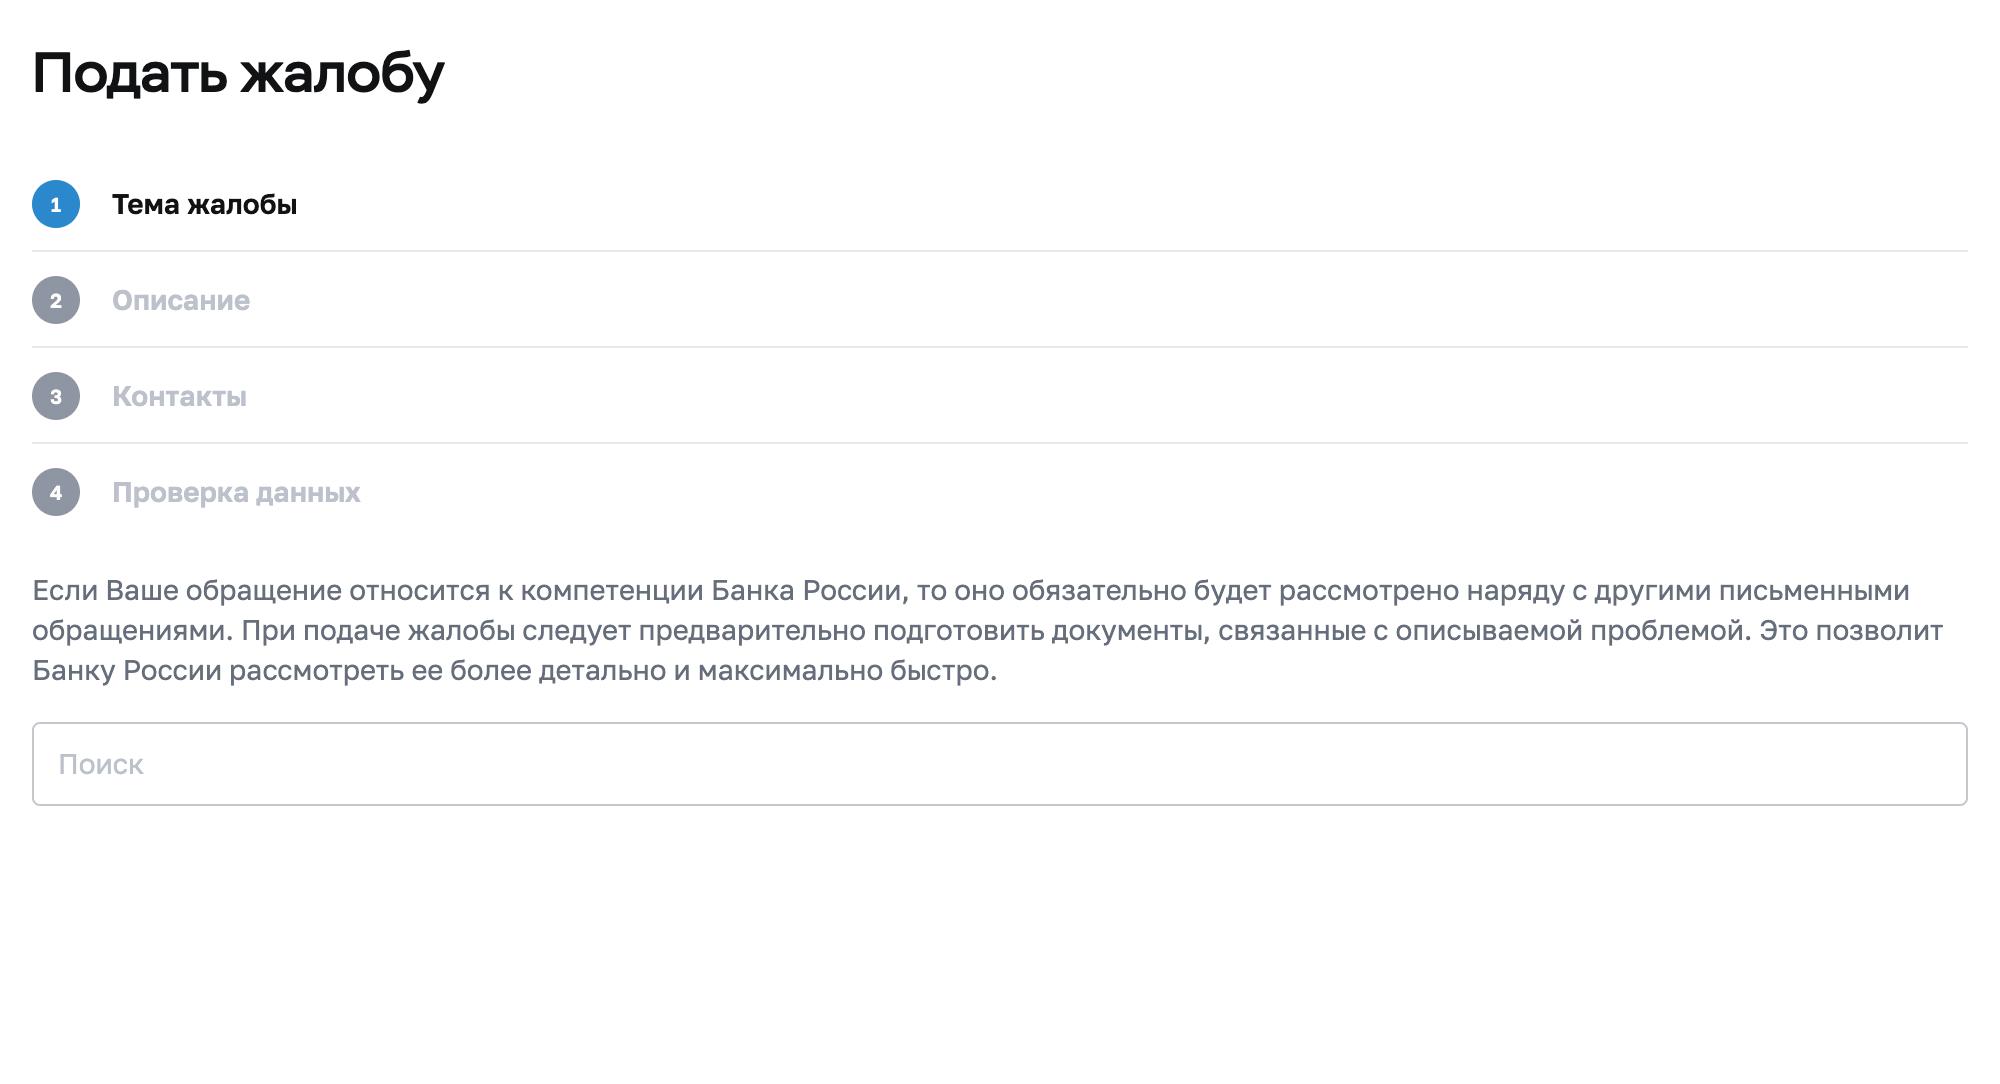 Откройте страницу «Подать жалобу» винтернет-приемной сайта ЦБРФ